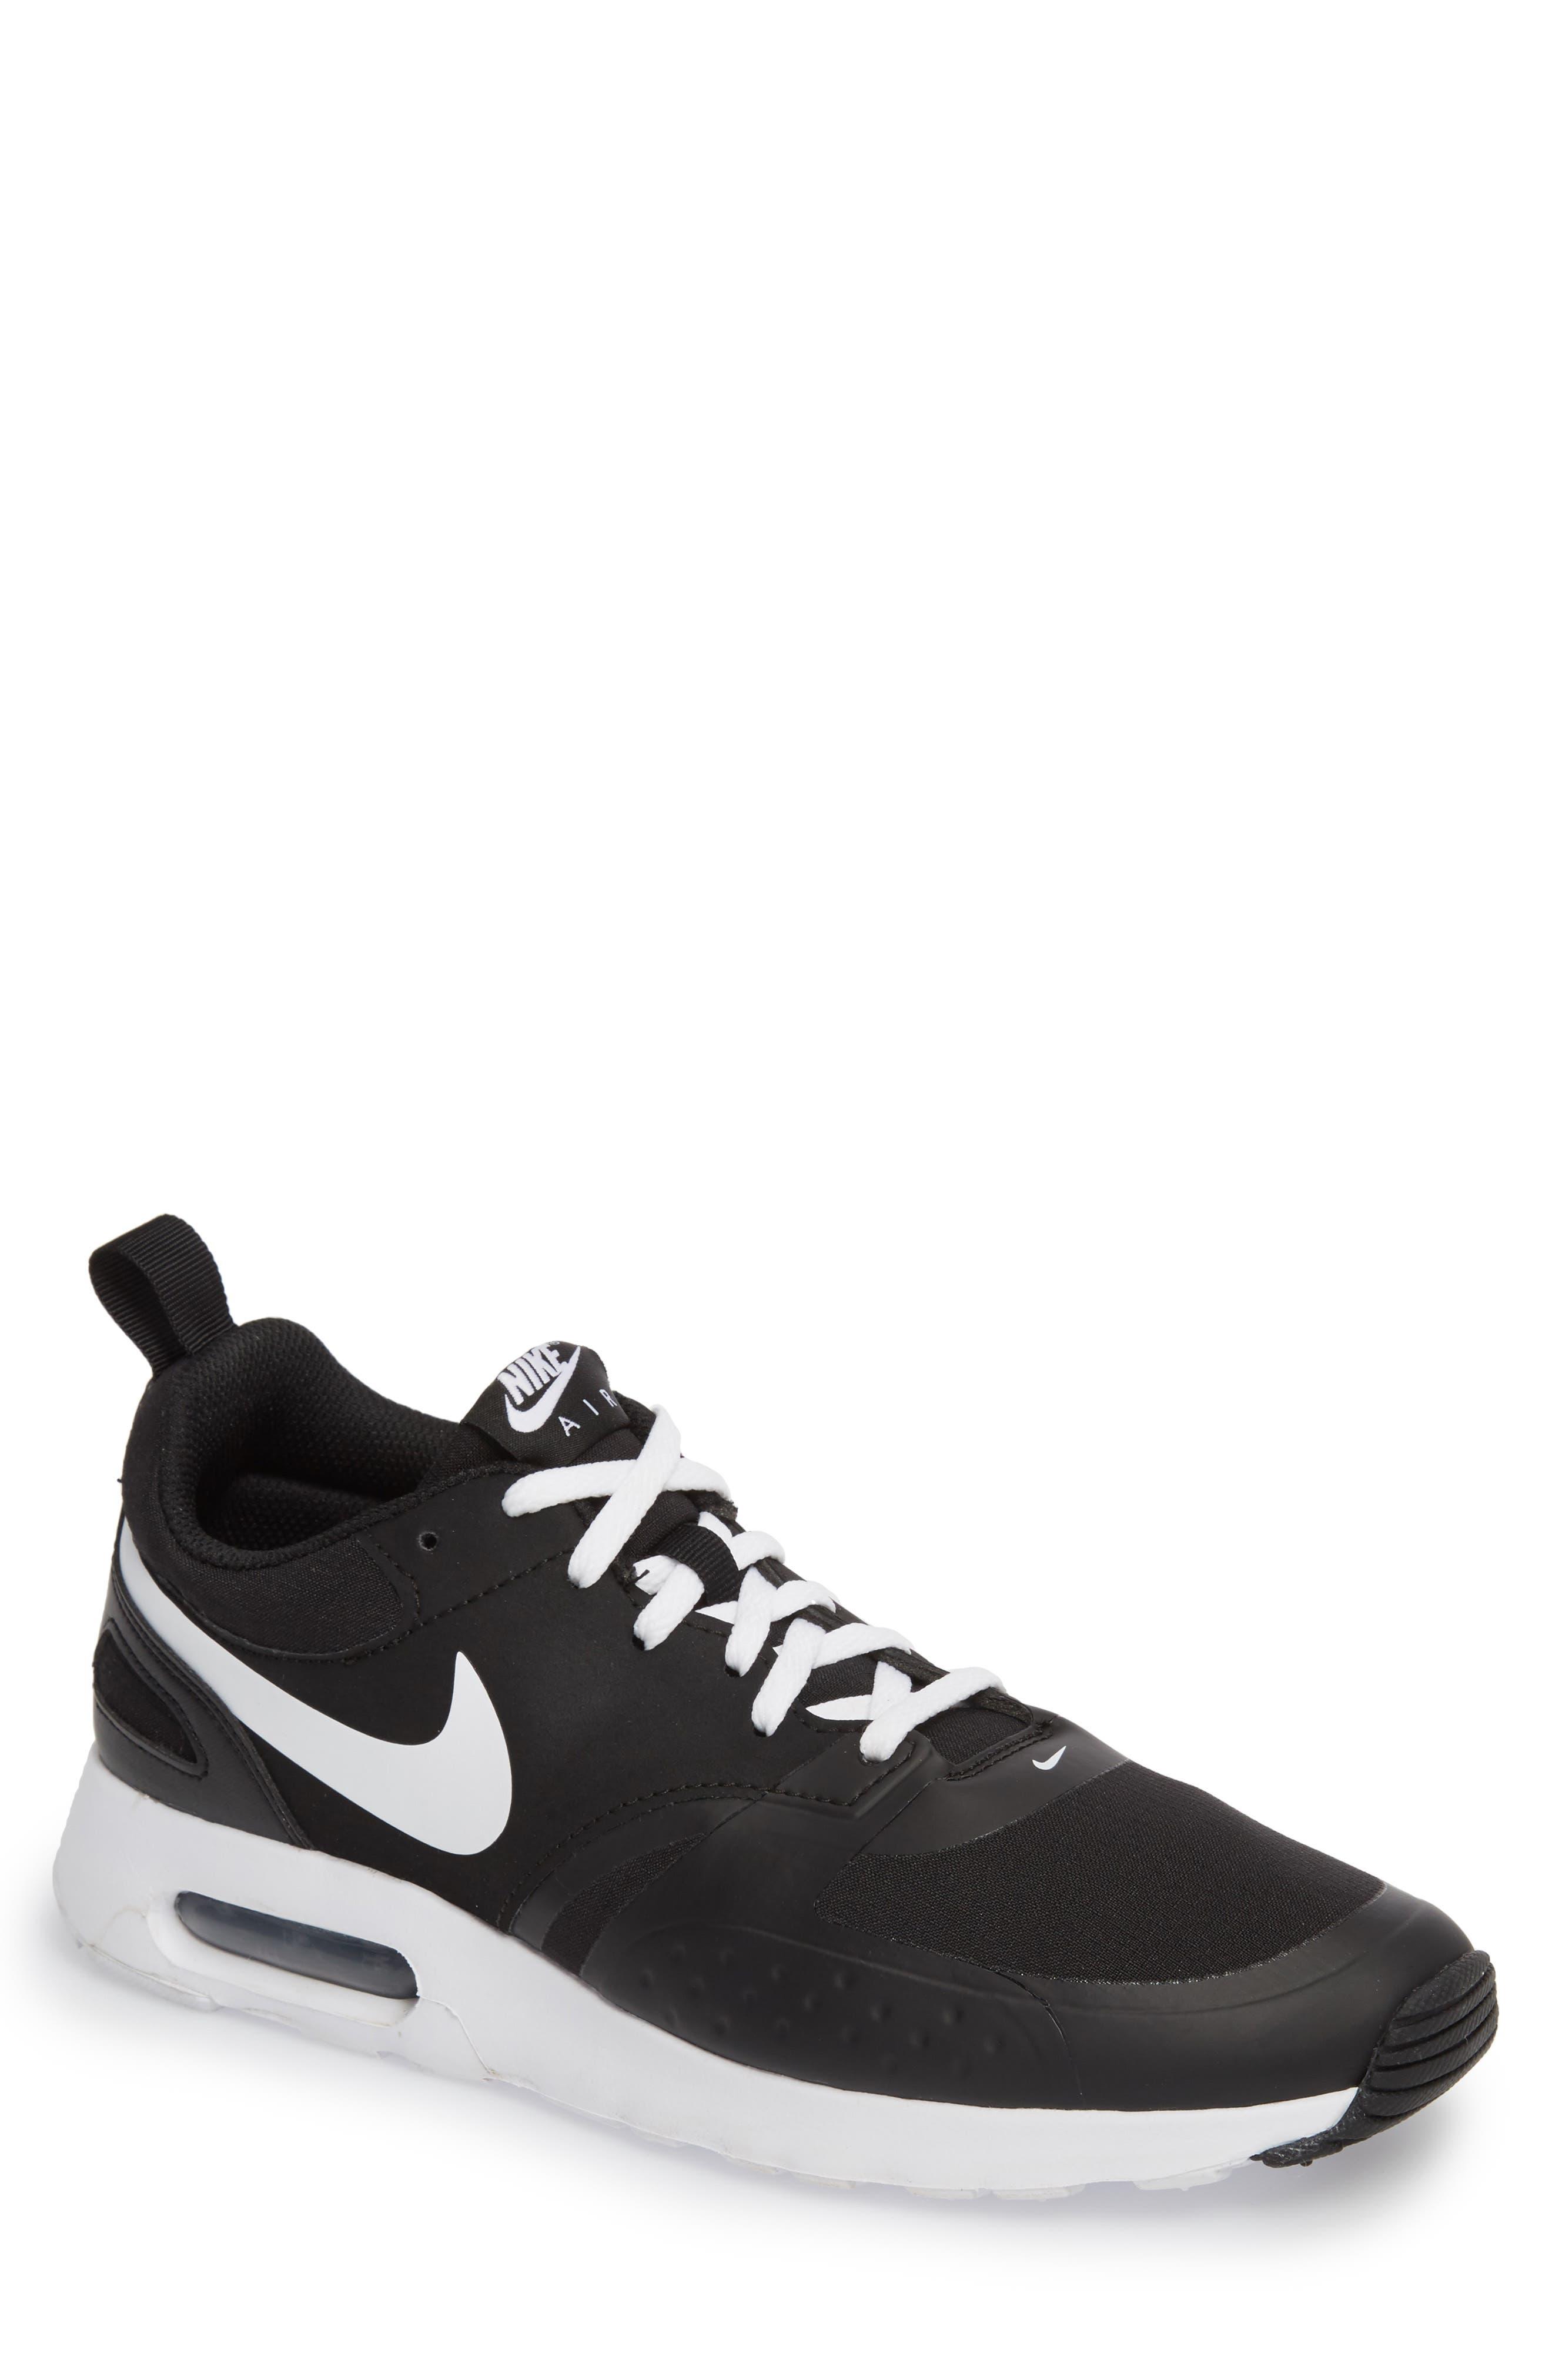 Air Max Vision Sneaker,                         Main,                         color, 007